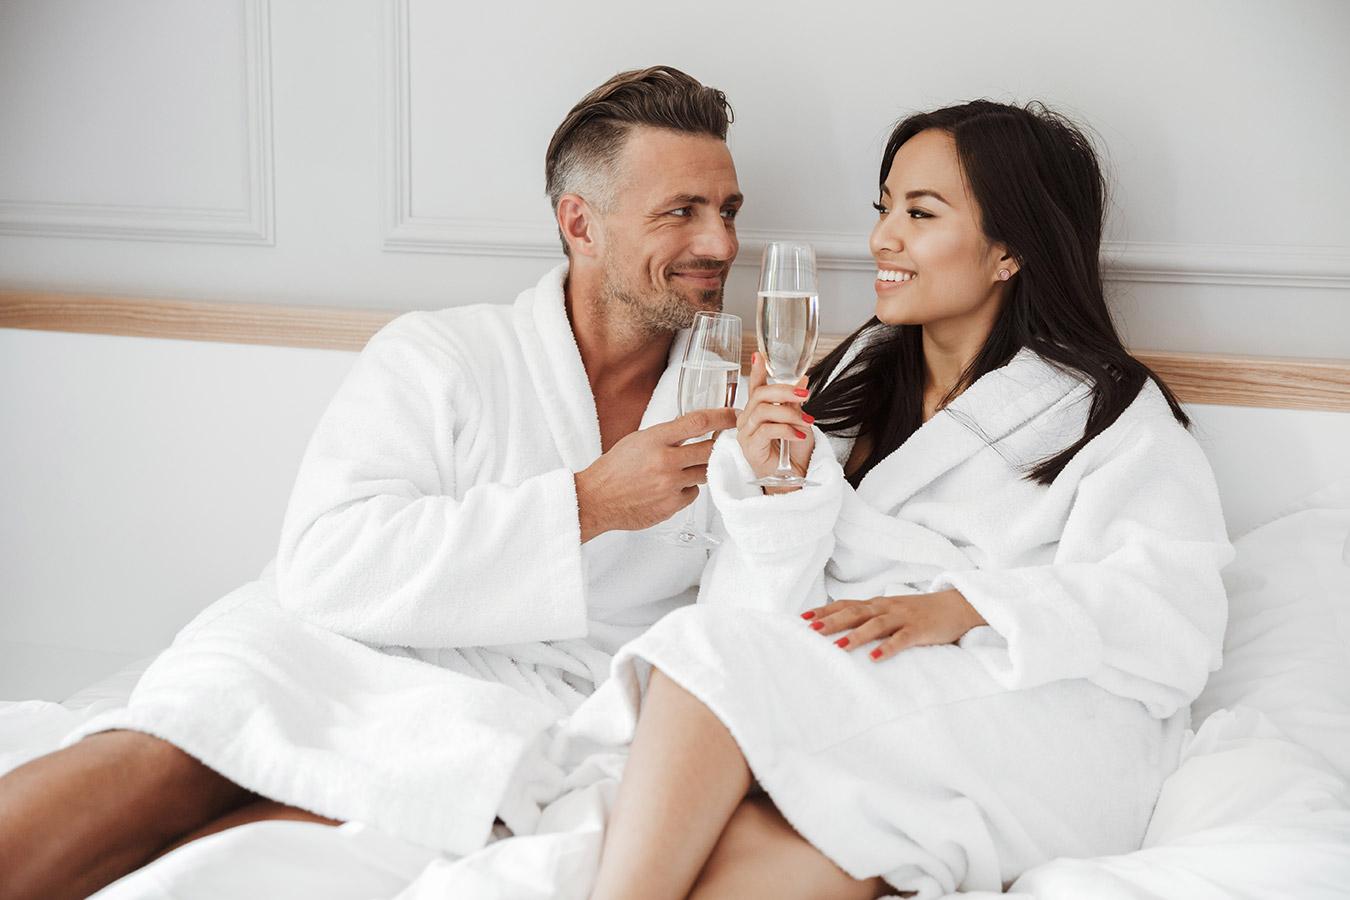 13 rocznica ślubu – Nazwa, Prezenty i Życzenia na trzynastą rocznicę ślubu